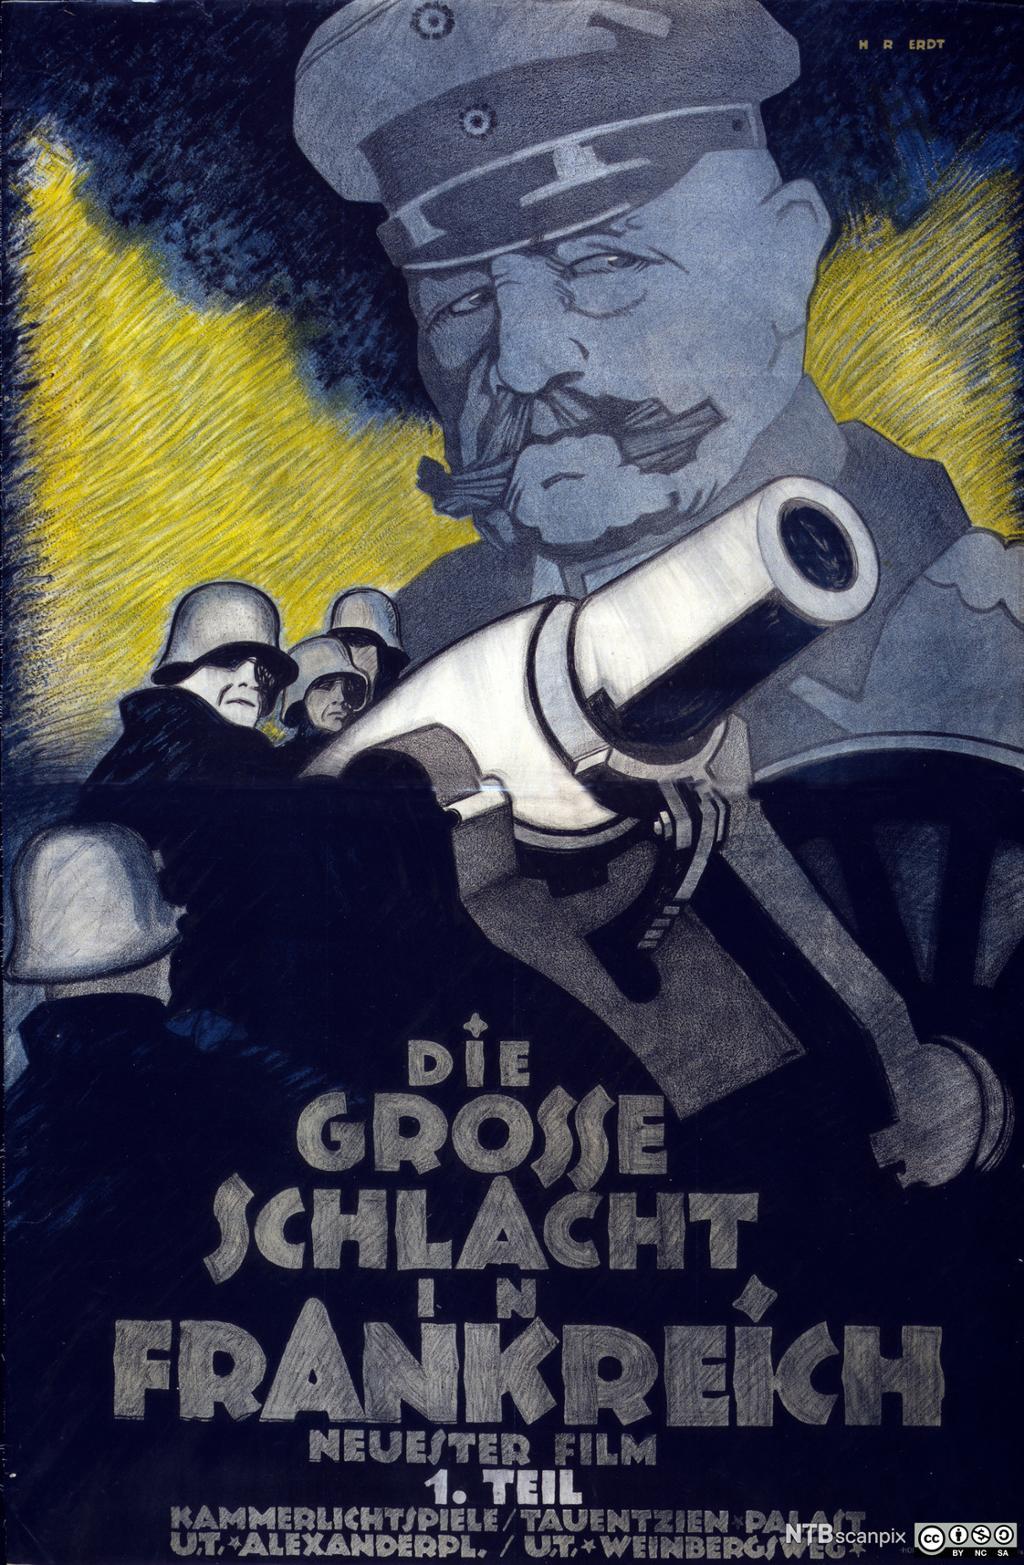 Tysk propagandafilm fra 1. verdenskrig